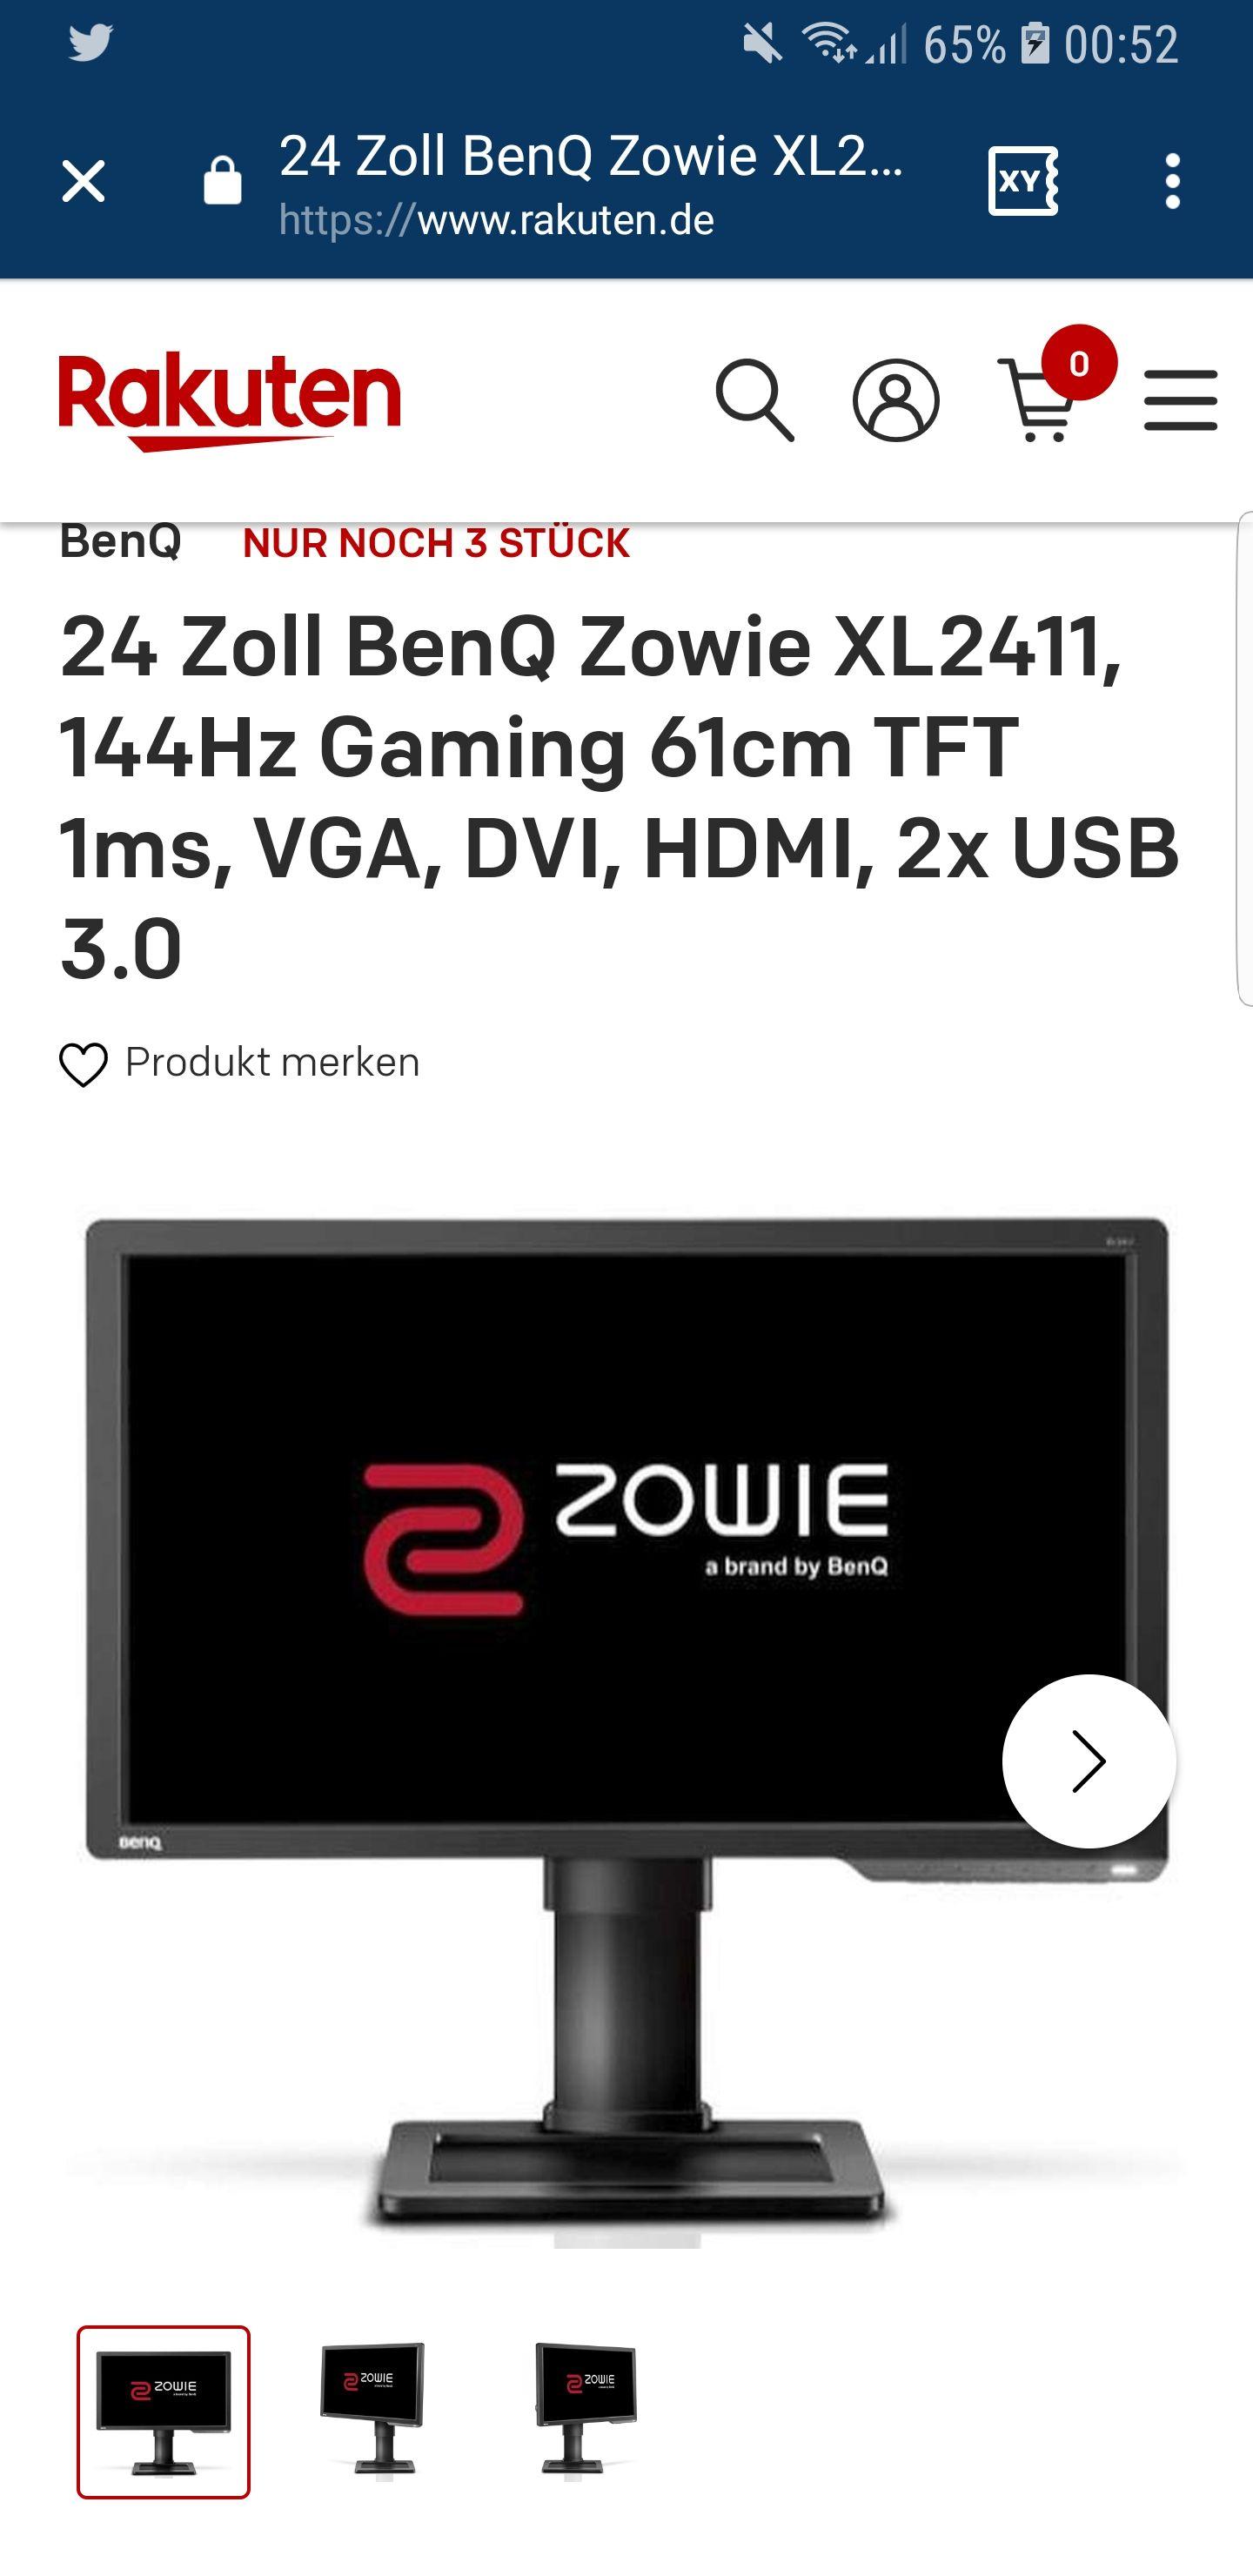 24 Zoll BenQ Zowie XL2411, 144Hz Gaming 61cm TFT 1ms, VGA, DVI, HDMI, 2x USB 3.0